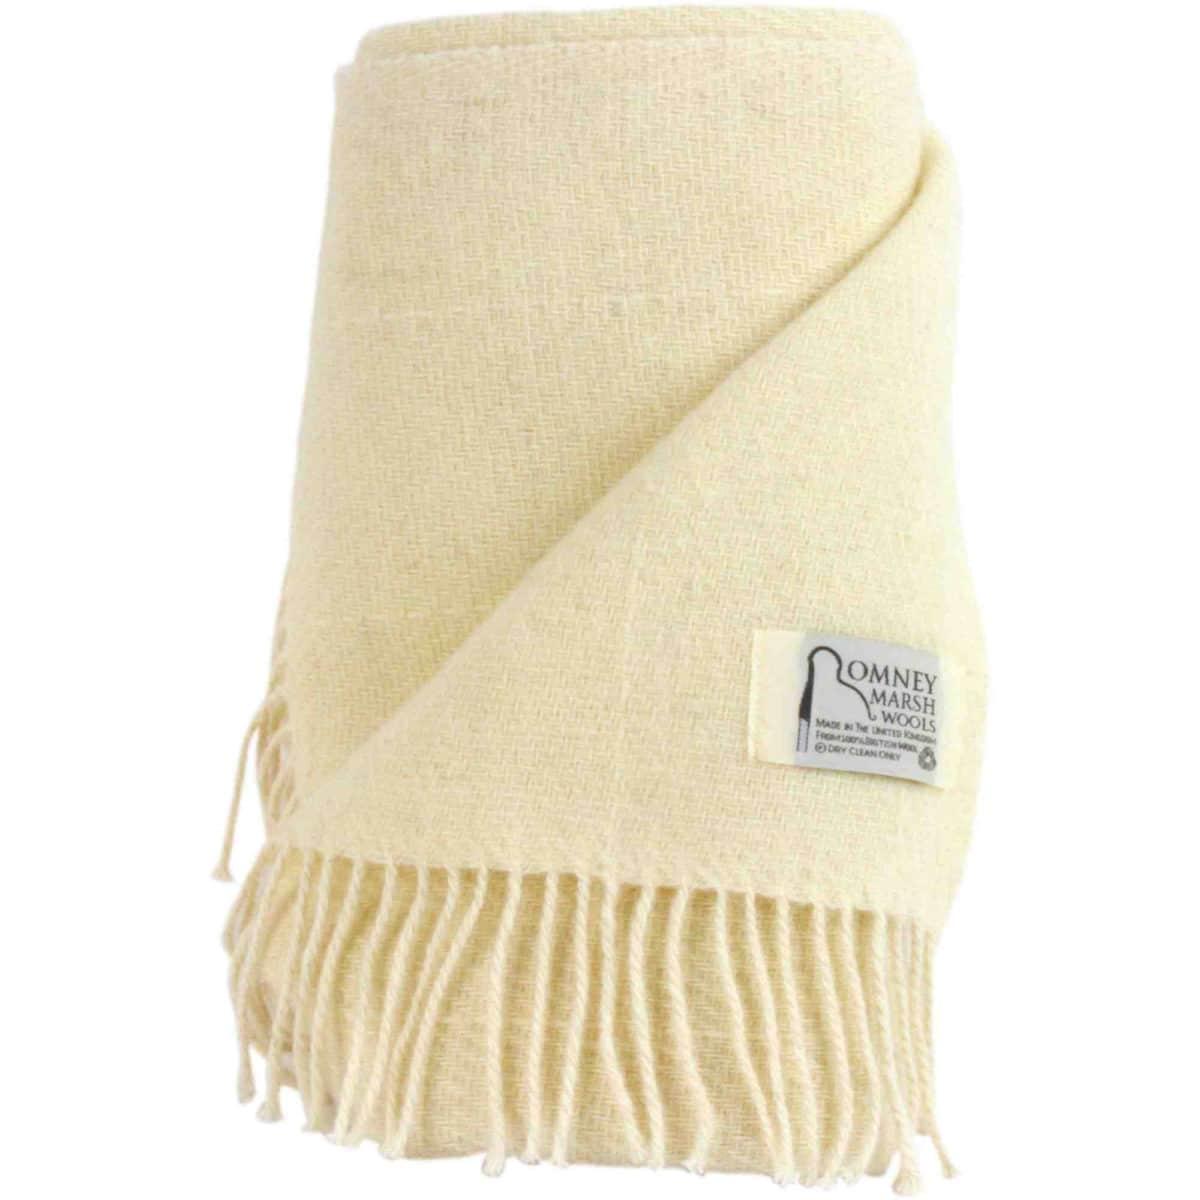 Romney Sheep Blanket / Throw - White Clover